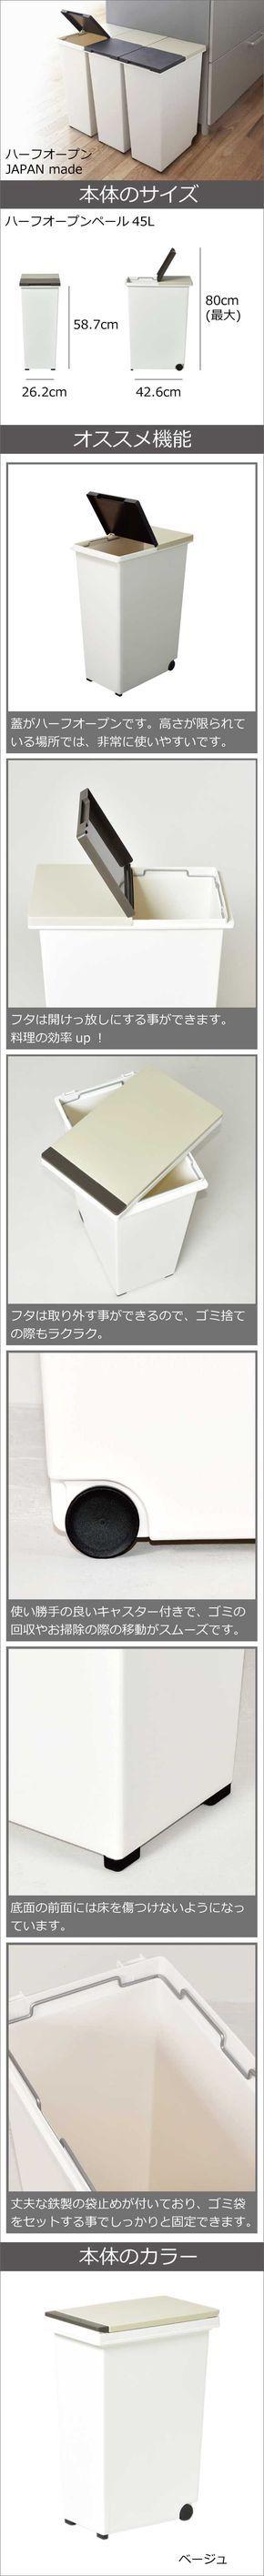 ゴミ箱 ごみ箱 ダストボックス ふた付き おしゃれ 分別 キッチン。日本製 ハーフオープン エバンペール 45L ゴミ箱 ごみ箱 ダストボックス ふた付き おしゃれ 分別 45L可 45リットル可 屋外 スリム キッチン インテリア雑貨 北欧 リビング くずかご 縦型 かわいい デザイン 生ごみ オムツ 見えない キャスター 薄型 大容量 アスベル ASVEL